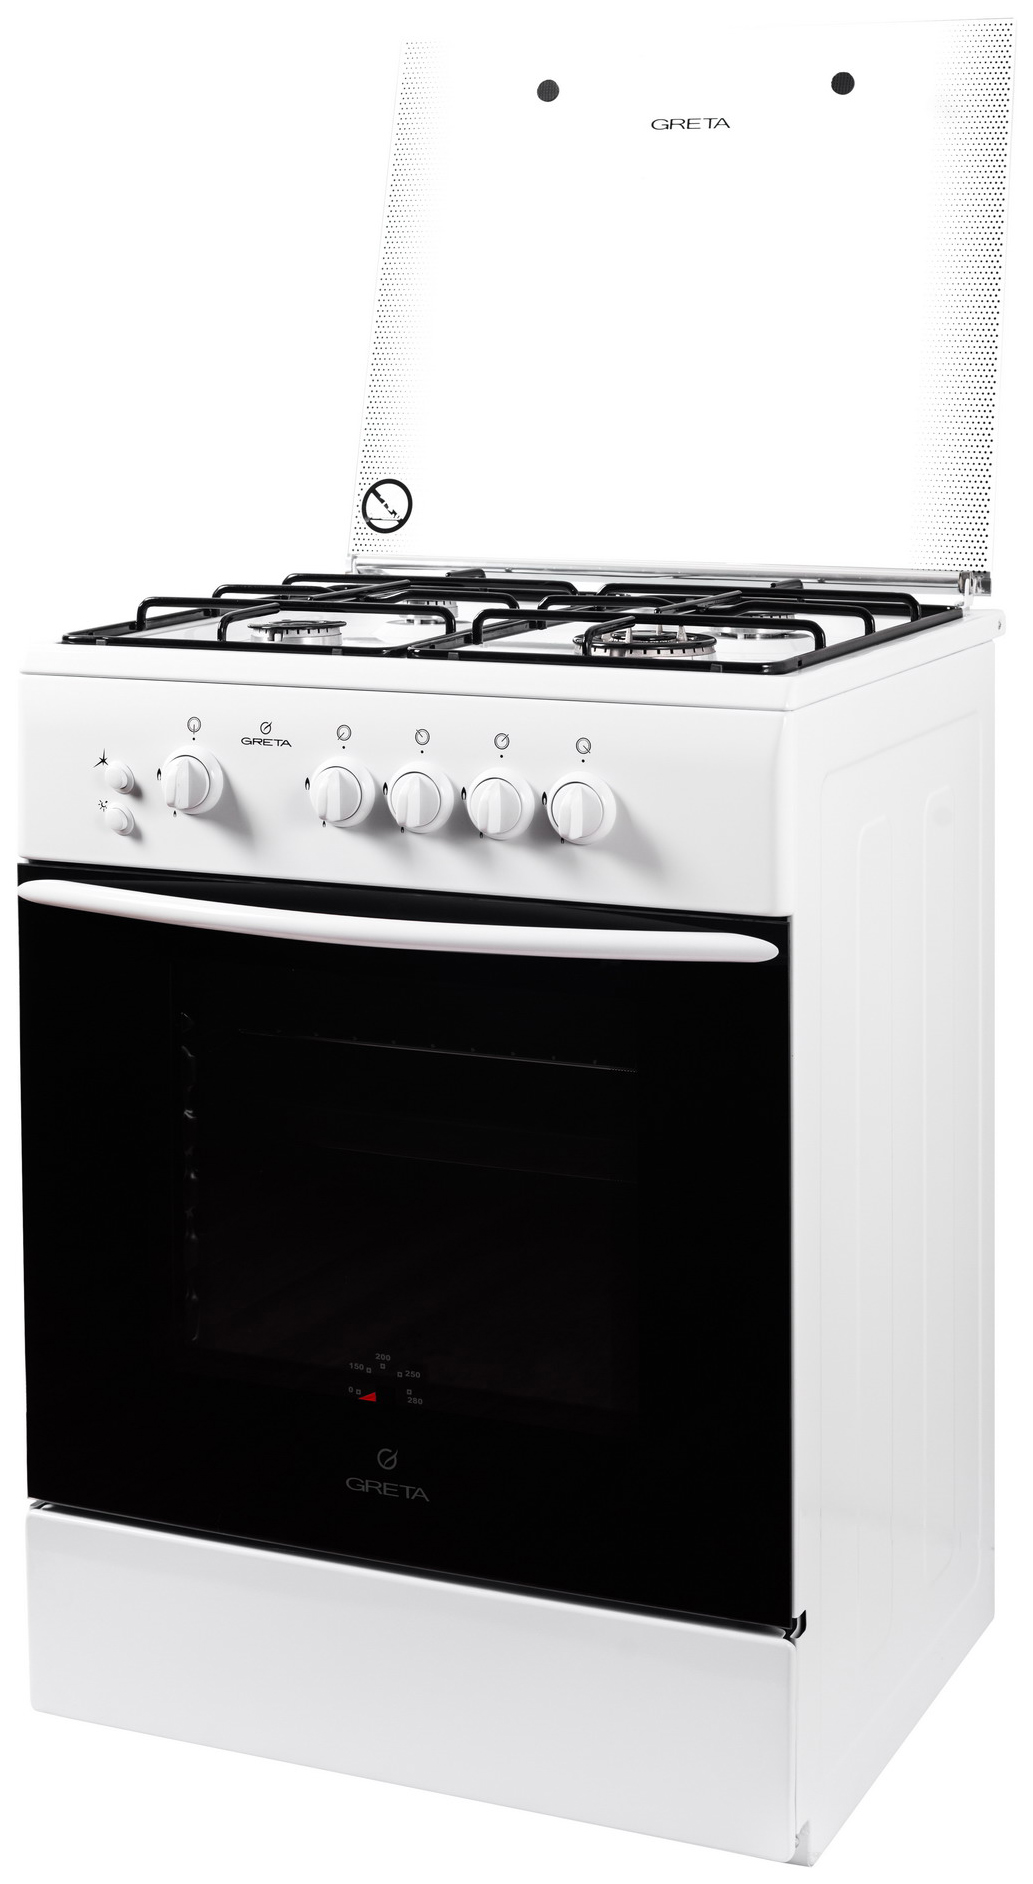 Газовая плита GRETA 600 исп 06 White